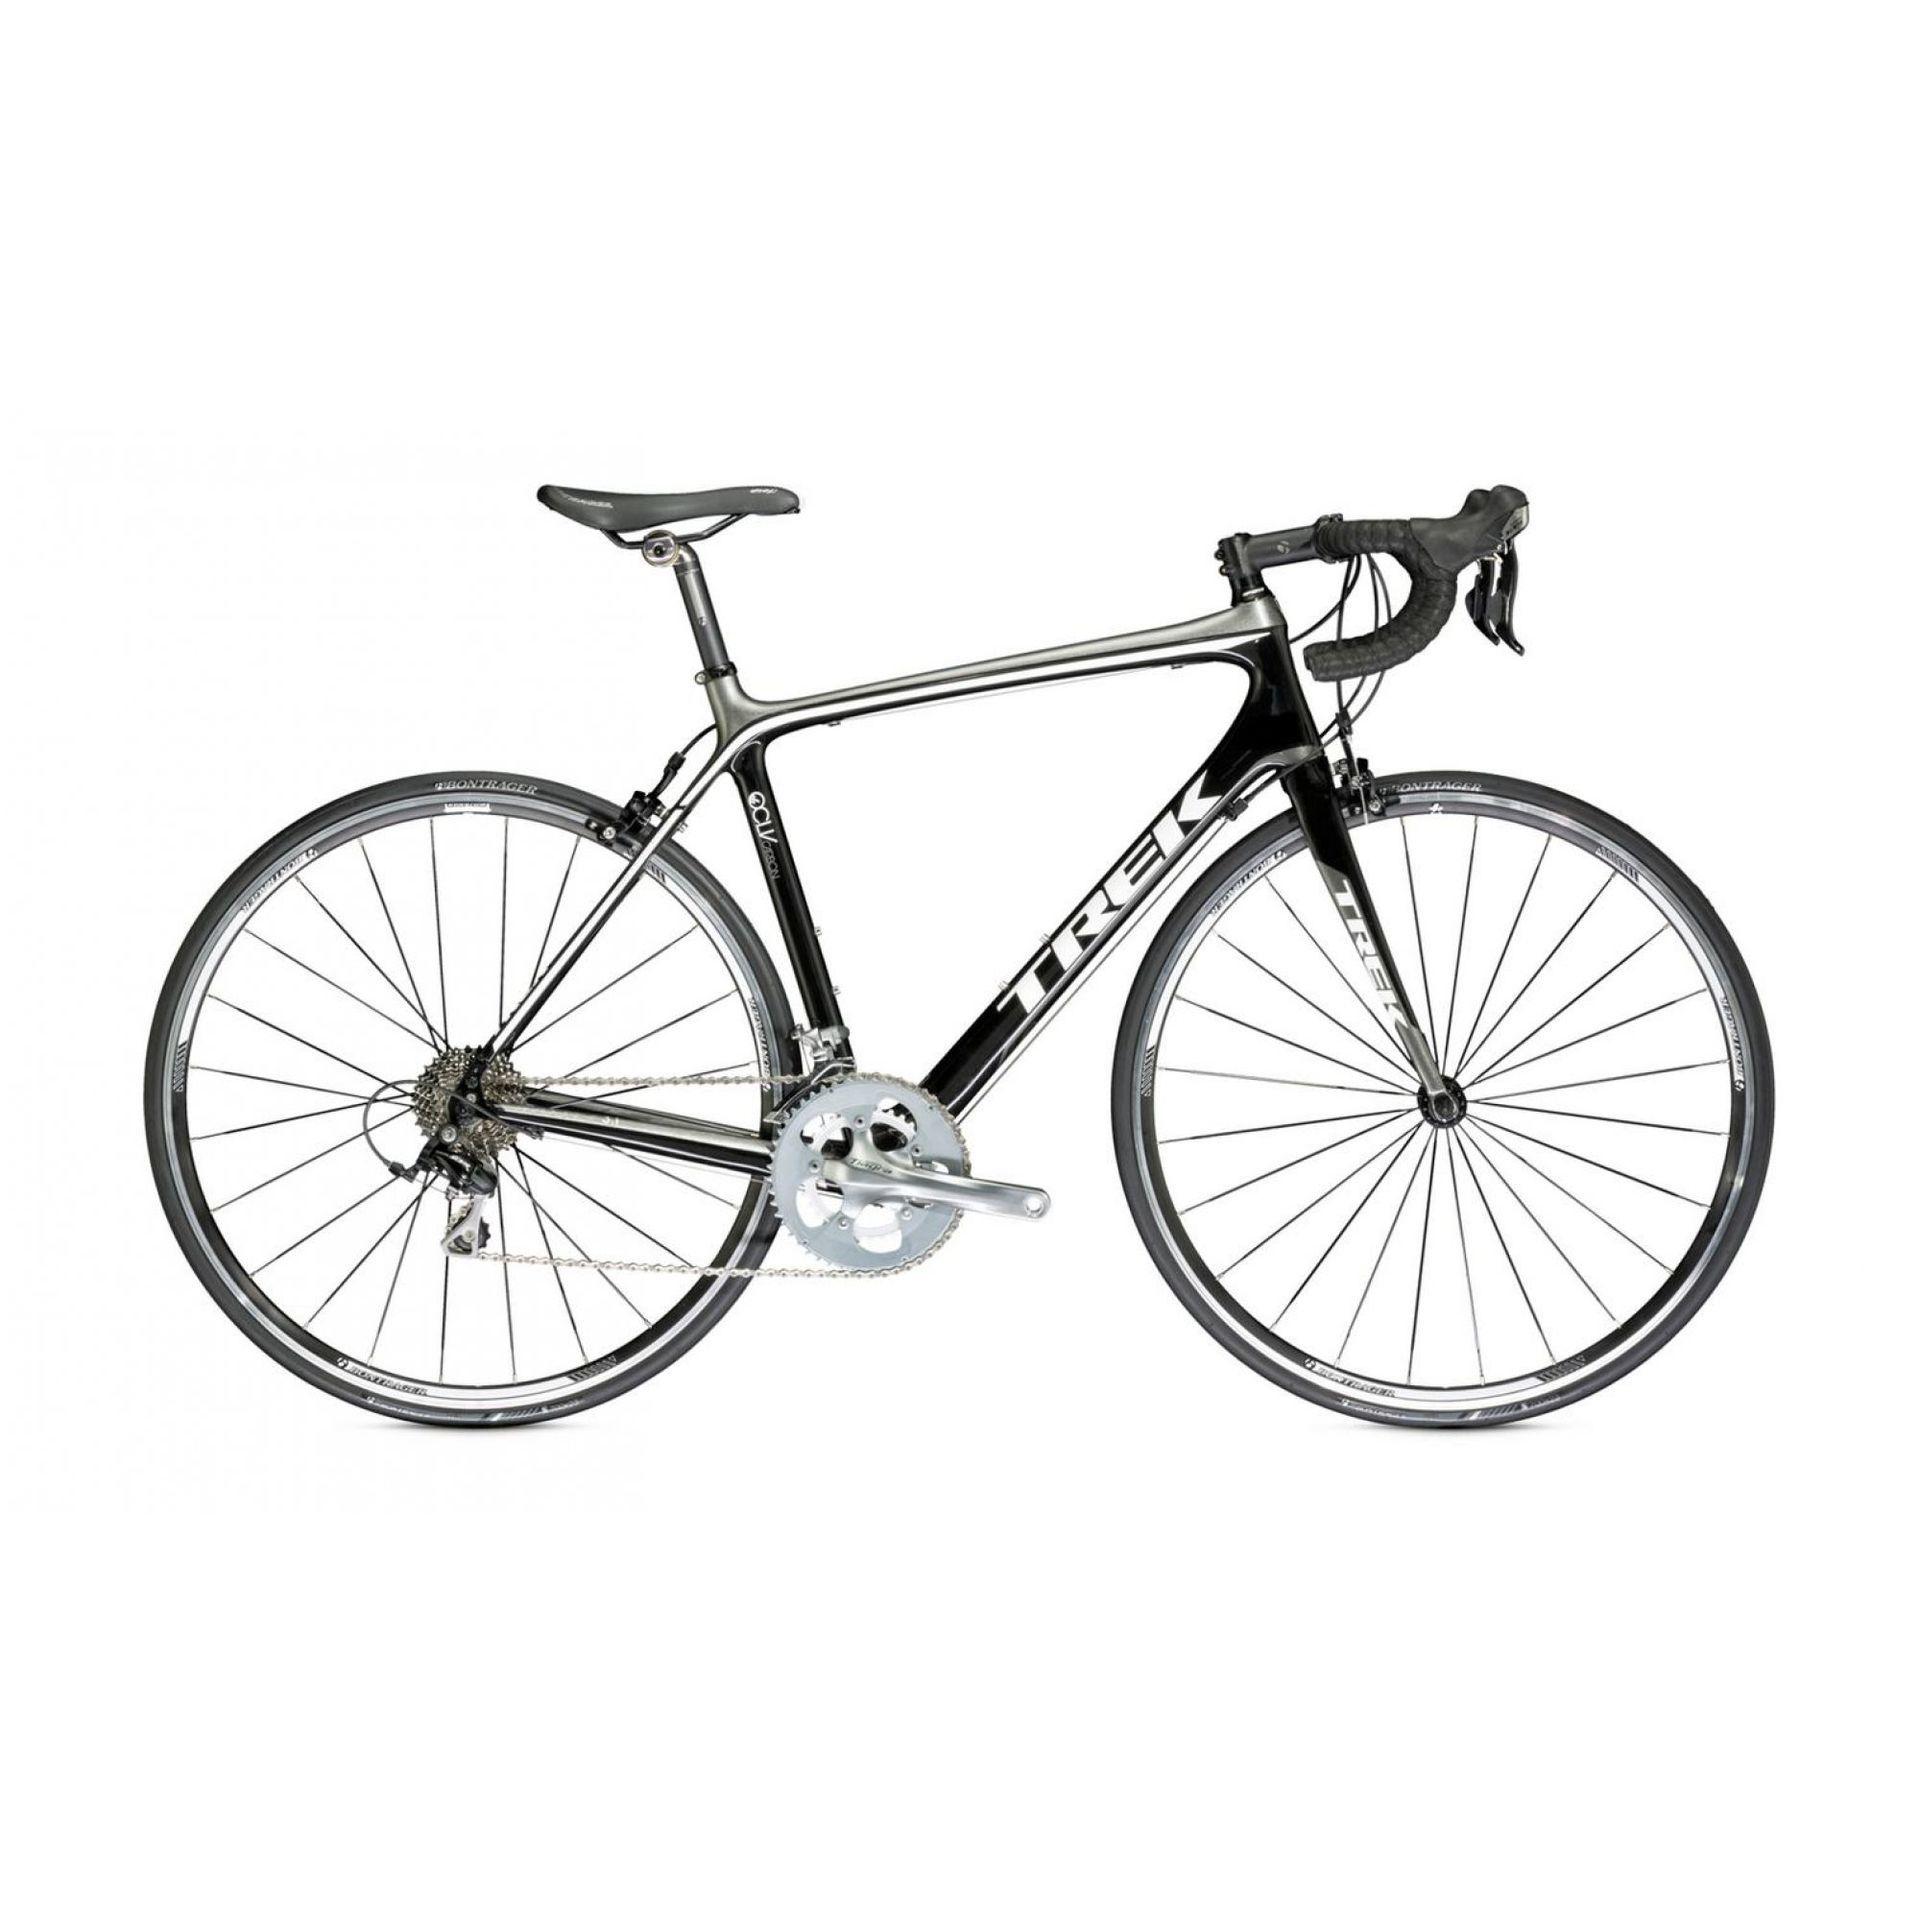 Rower Trek Madone 3.1  czarny/szary